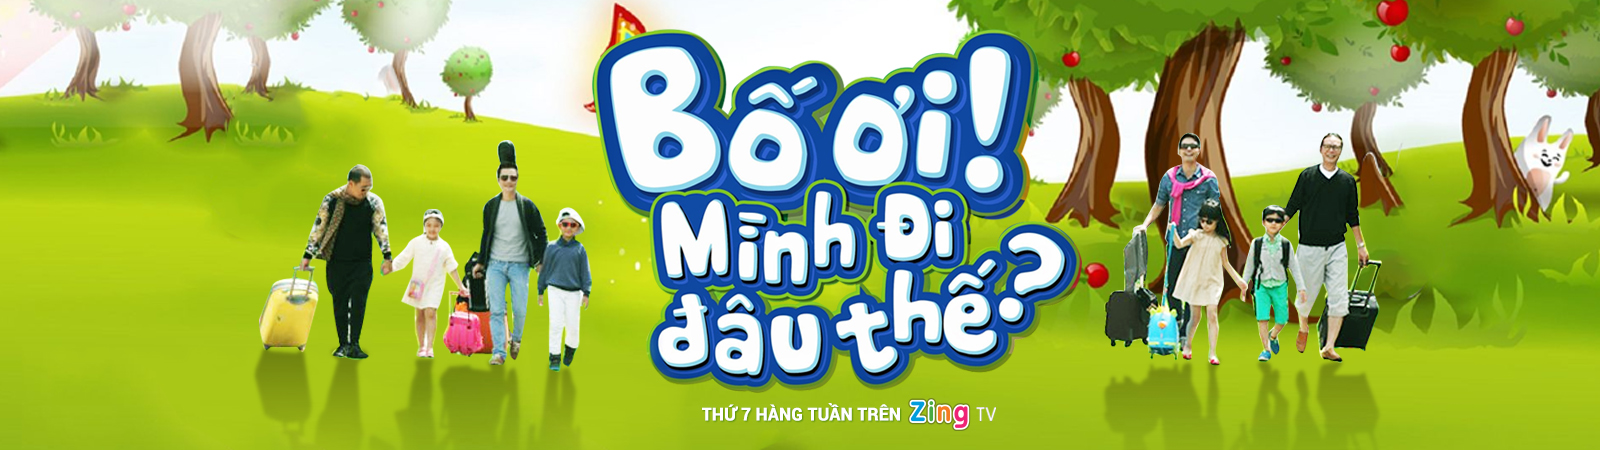 Tập 17 - Bố Ơi, Mình Đi Đâu Thế Việt Nam